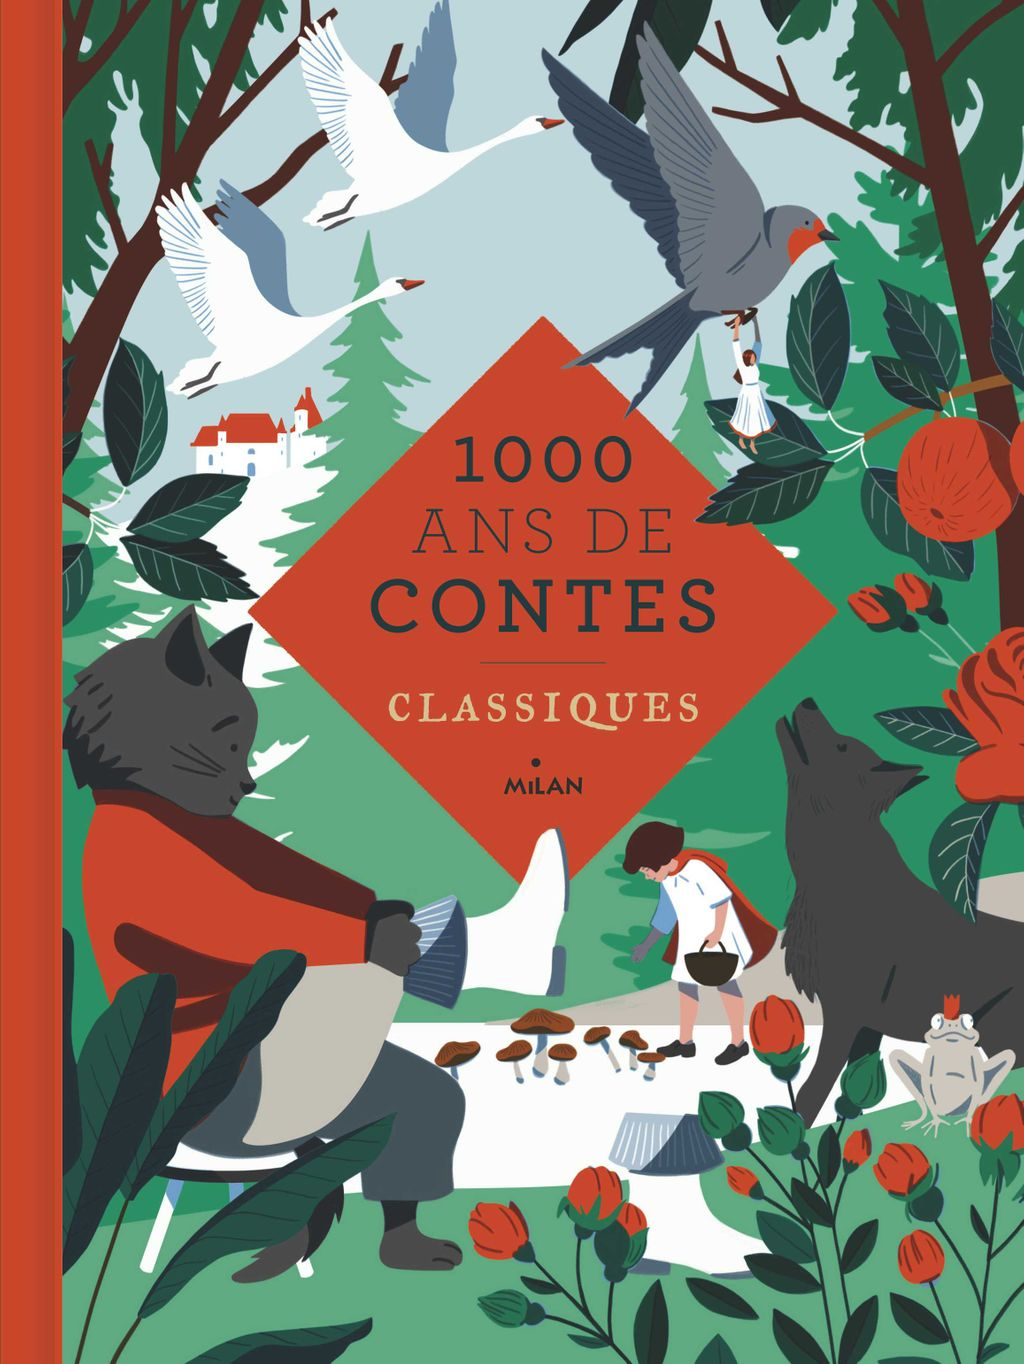 «Mille ans de contes classiques» cover